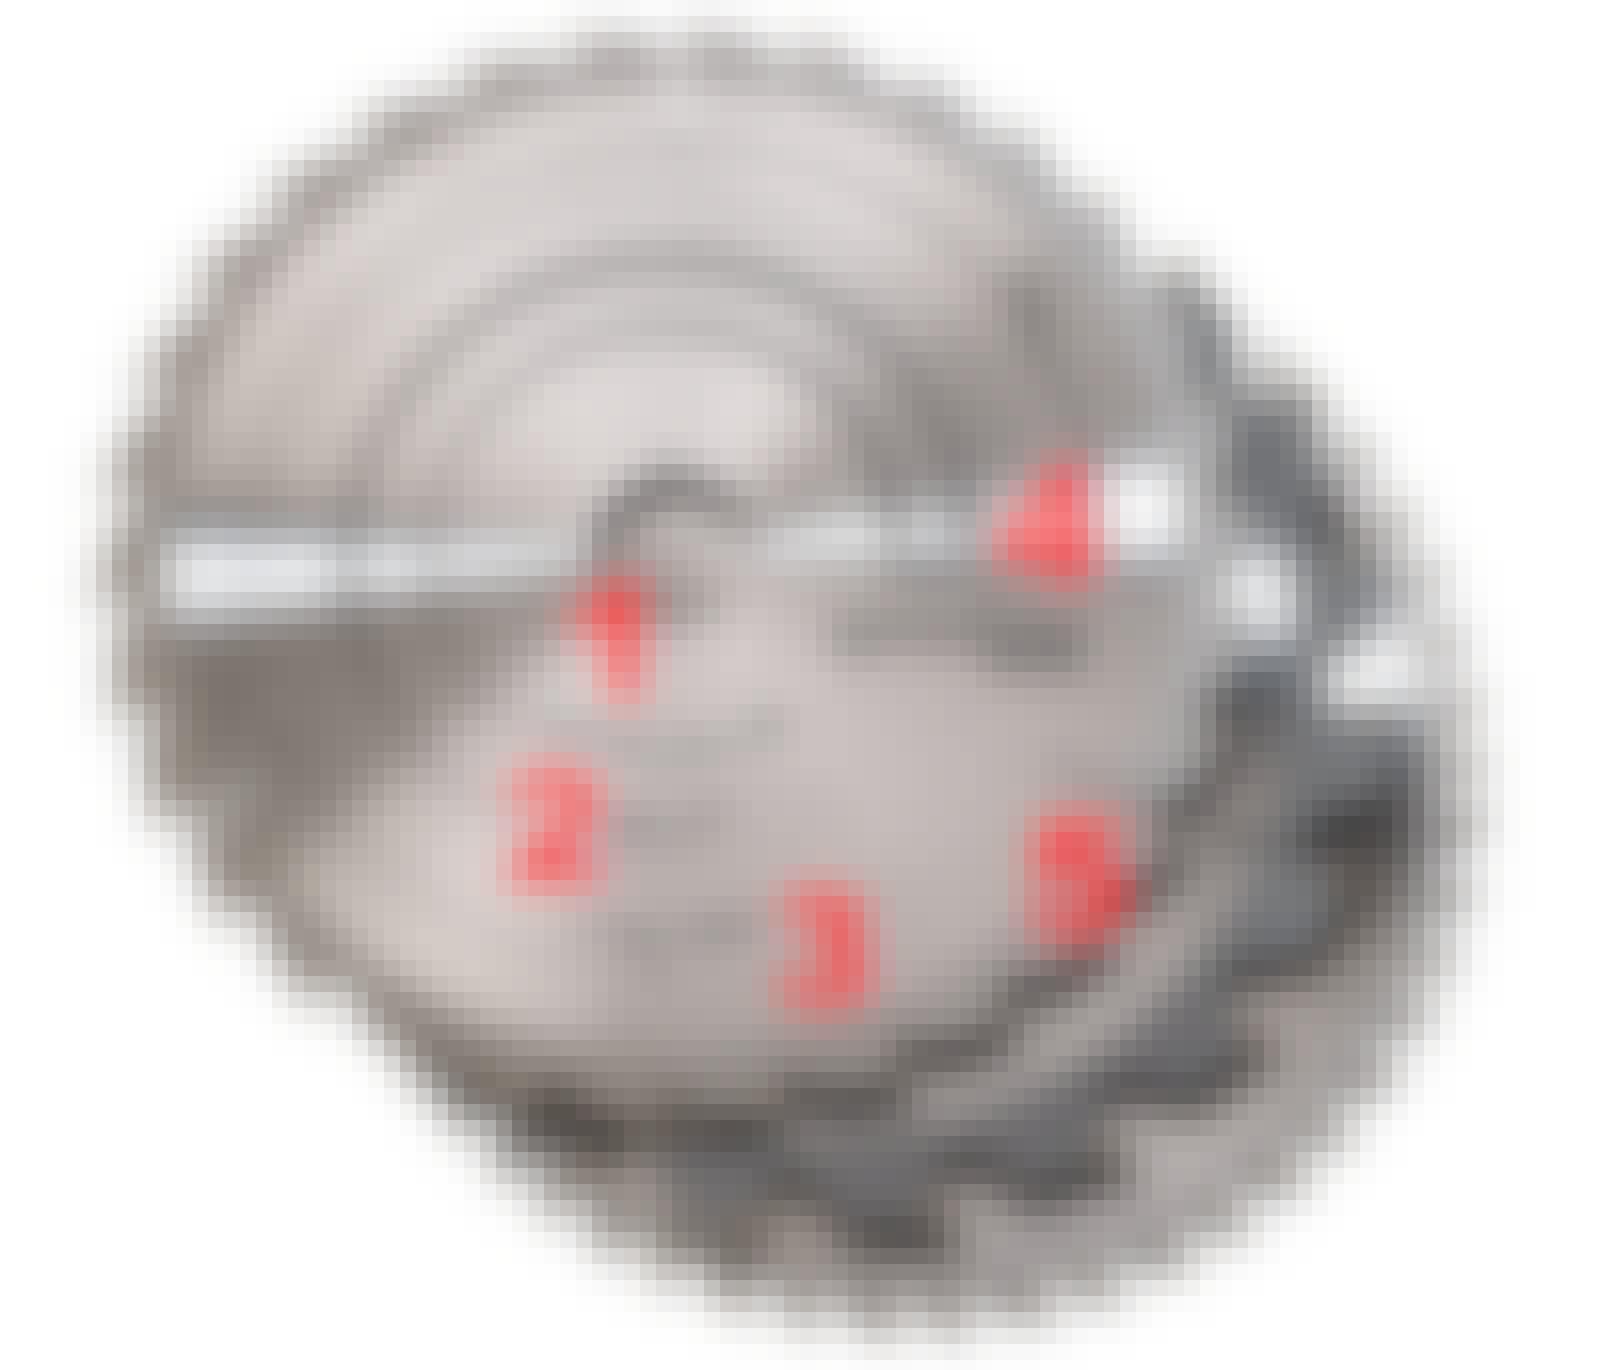 Kap geringssav: Klinger til kapsav